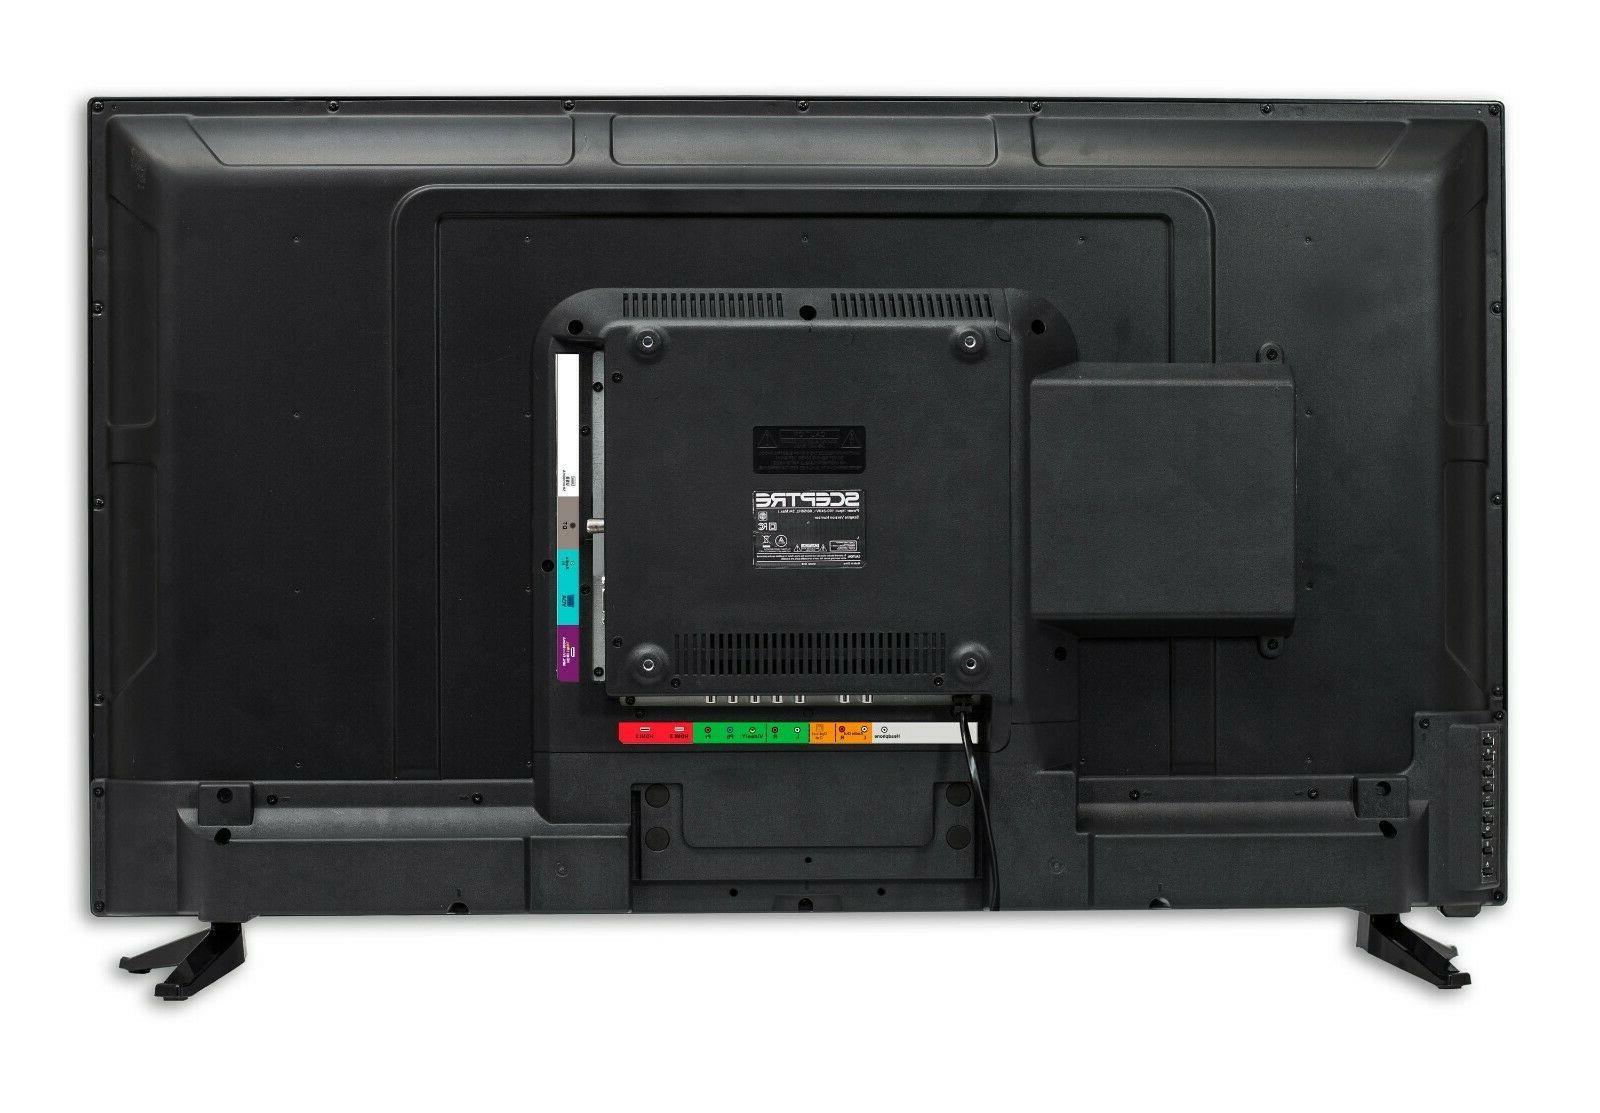 Sceptre 40 Inches TV HDMI USB VGA NEW